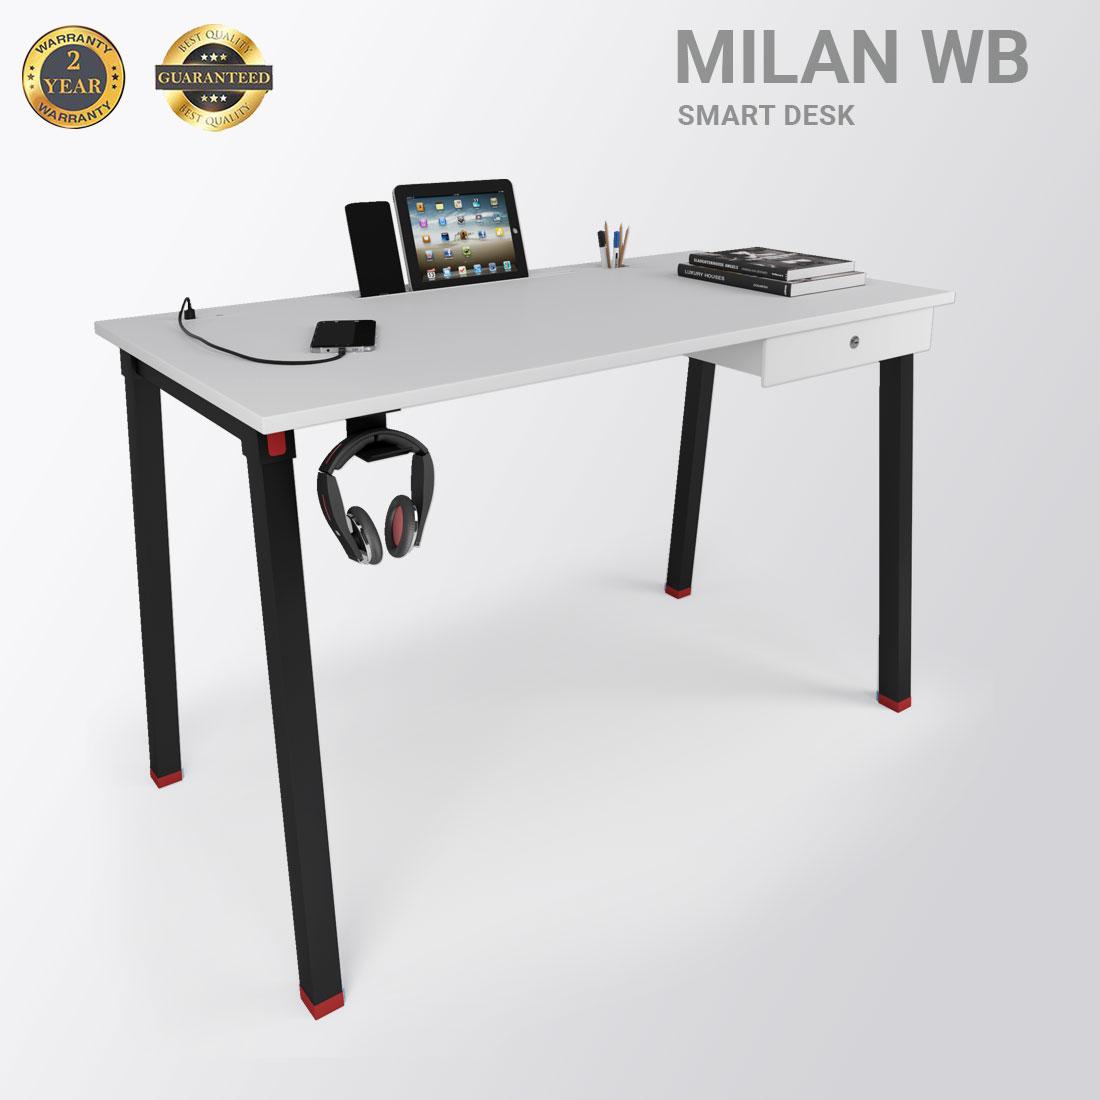 MILAN WB